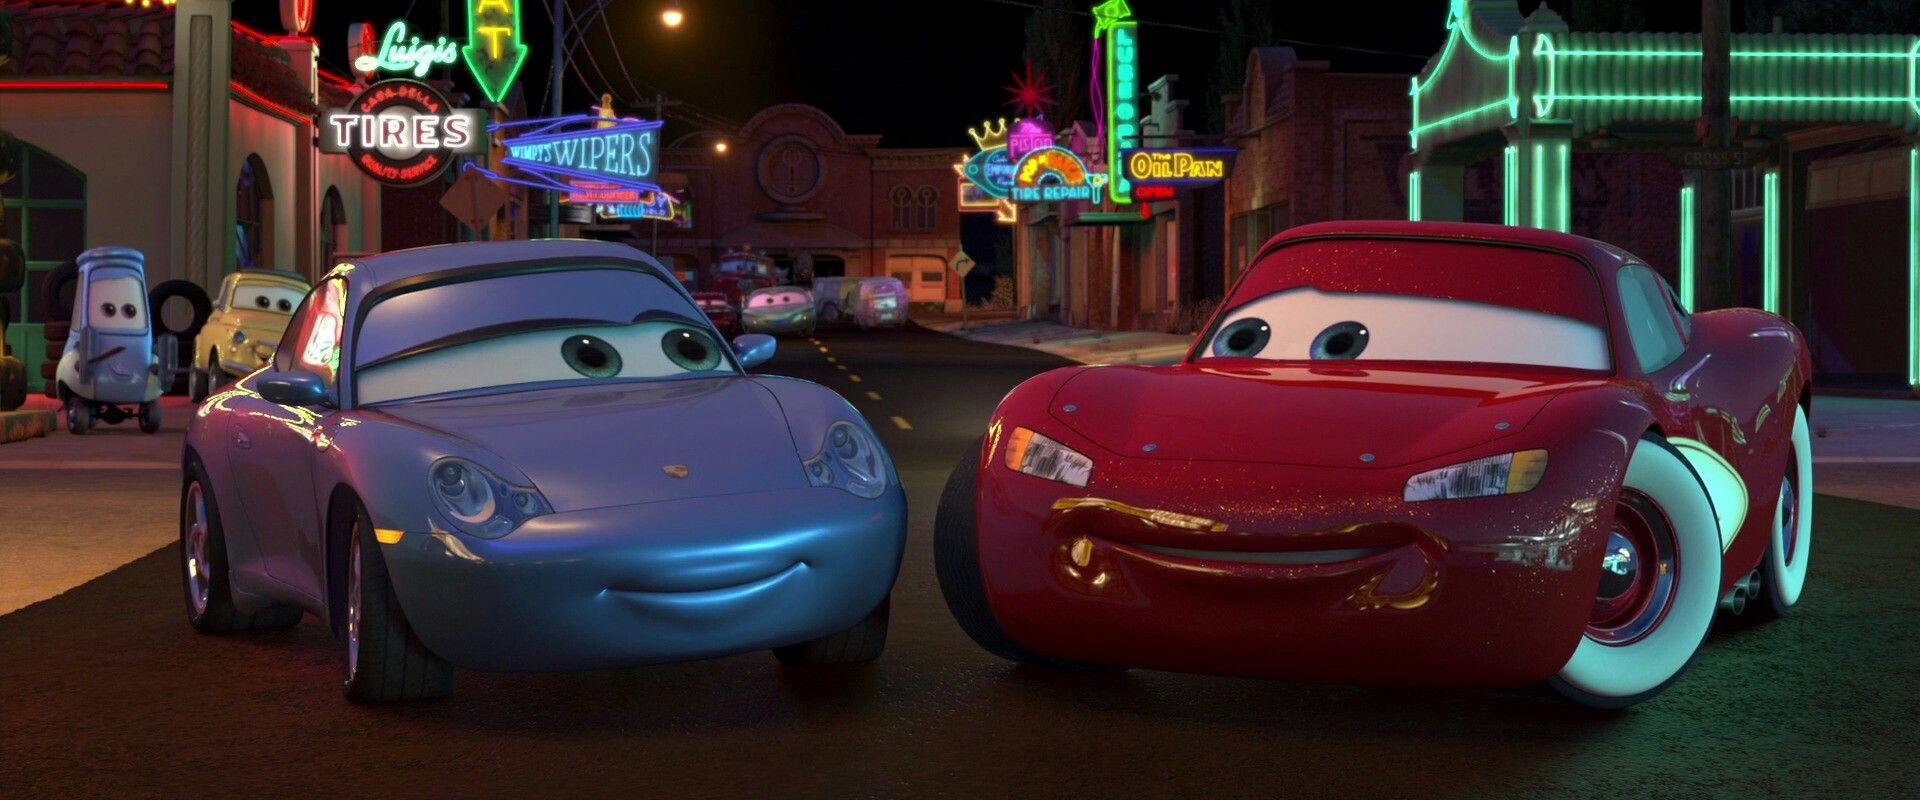 Sally❤McQueen (Cars) | Savaşçılar, Arabalar